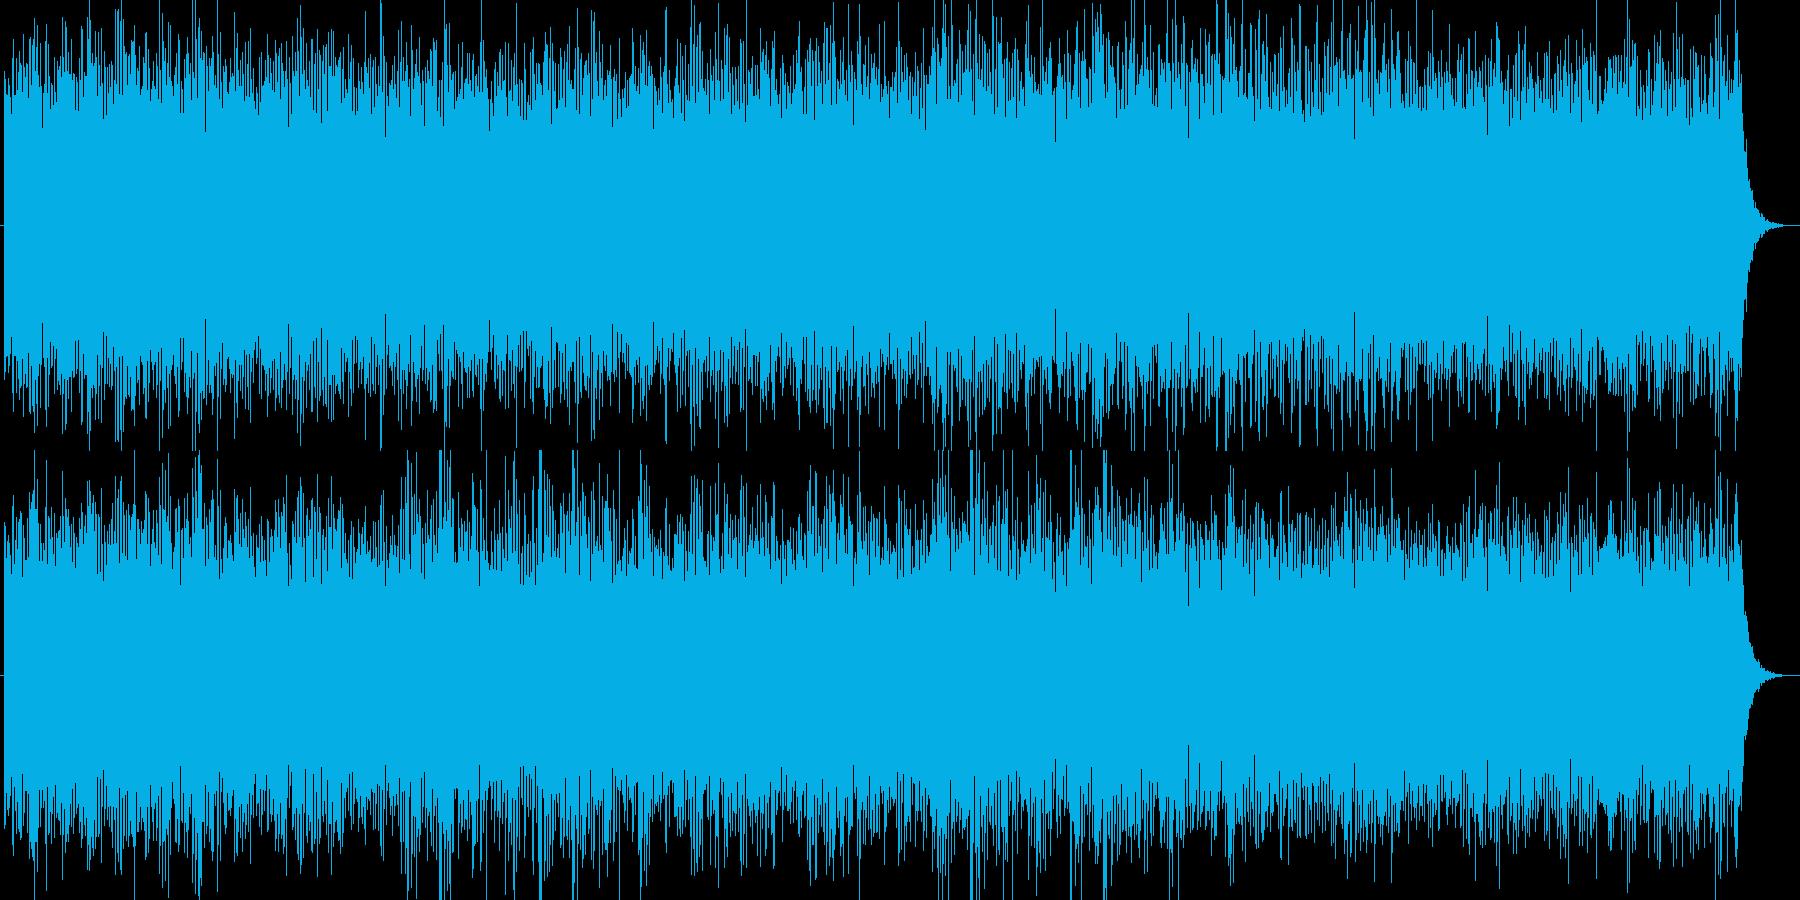 ゆったりとした洋のイメージの曲の再生済みの波形